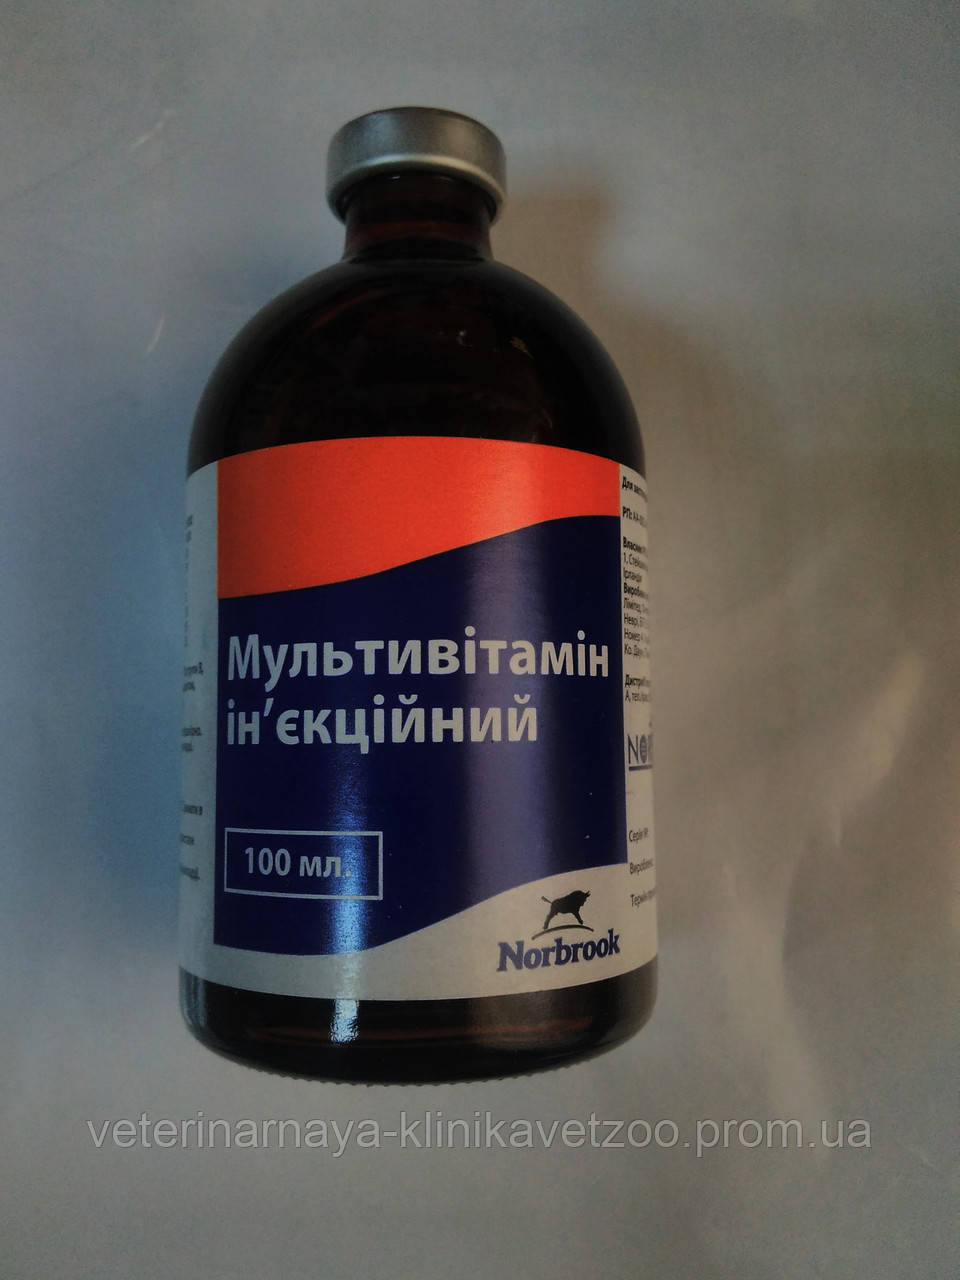 Мультивитамин для иньекций (Norbrook)100ml.для с/х и домашних ж-ных.